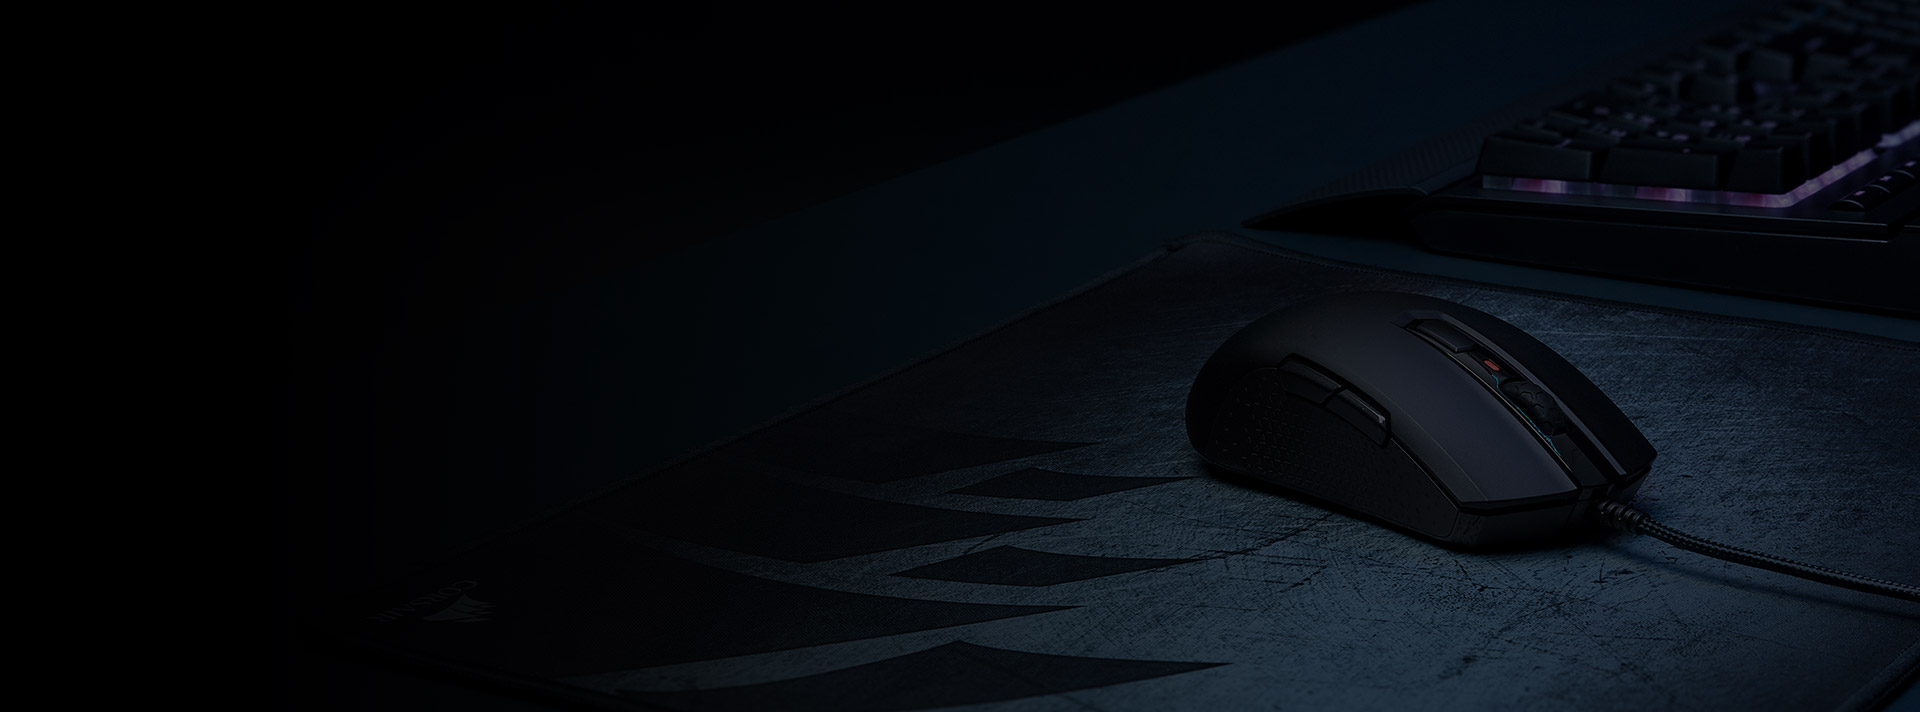 Chuột chơi game Corsair M55 RGB White (CH-9308111-AP) có trọng lượng nhẹ nhàng